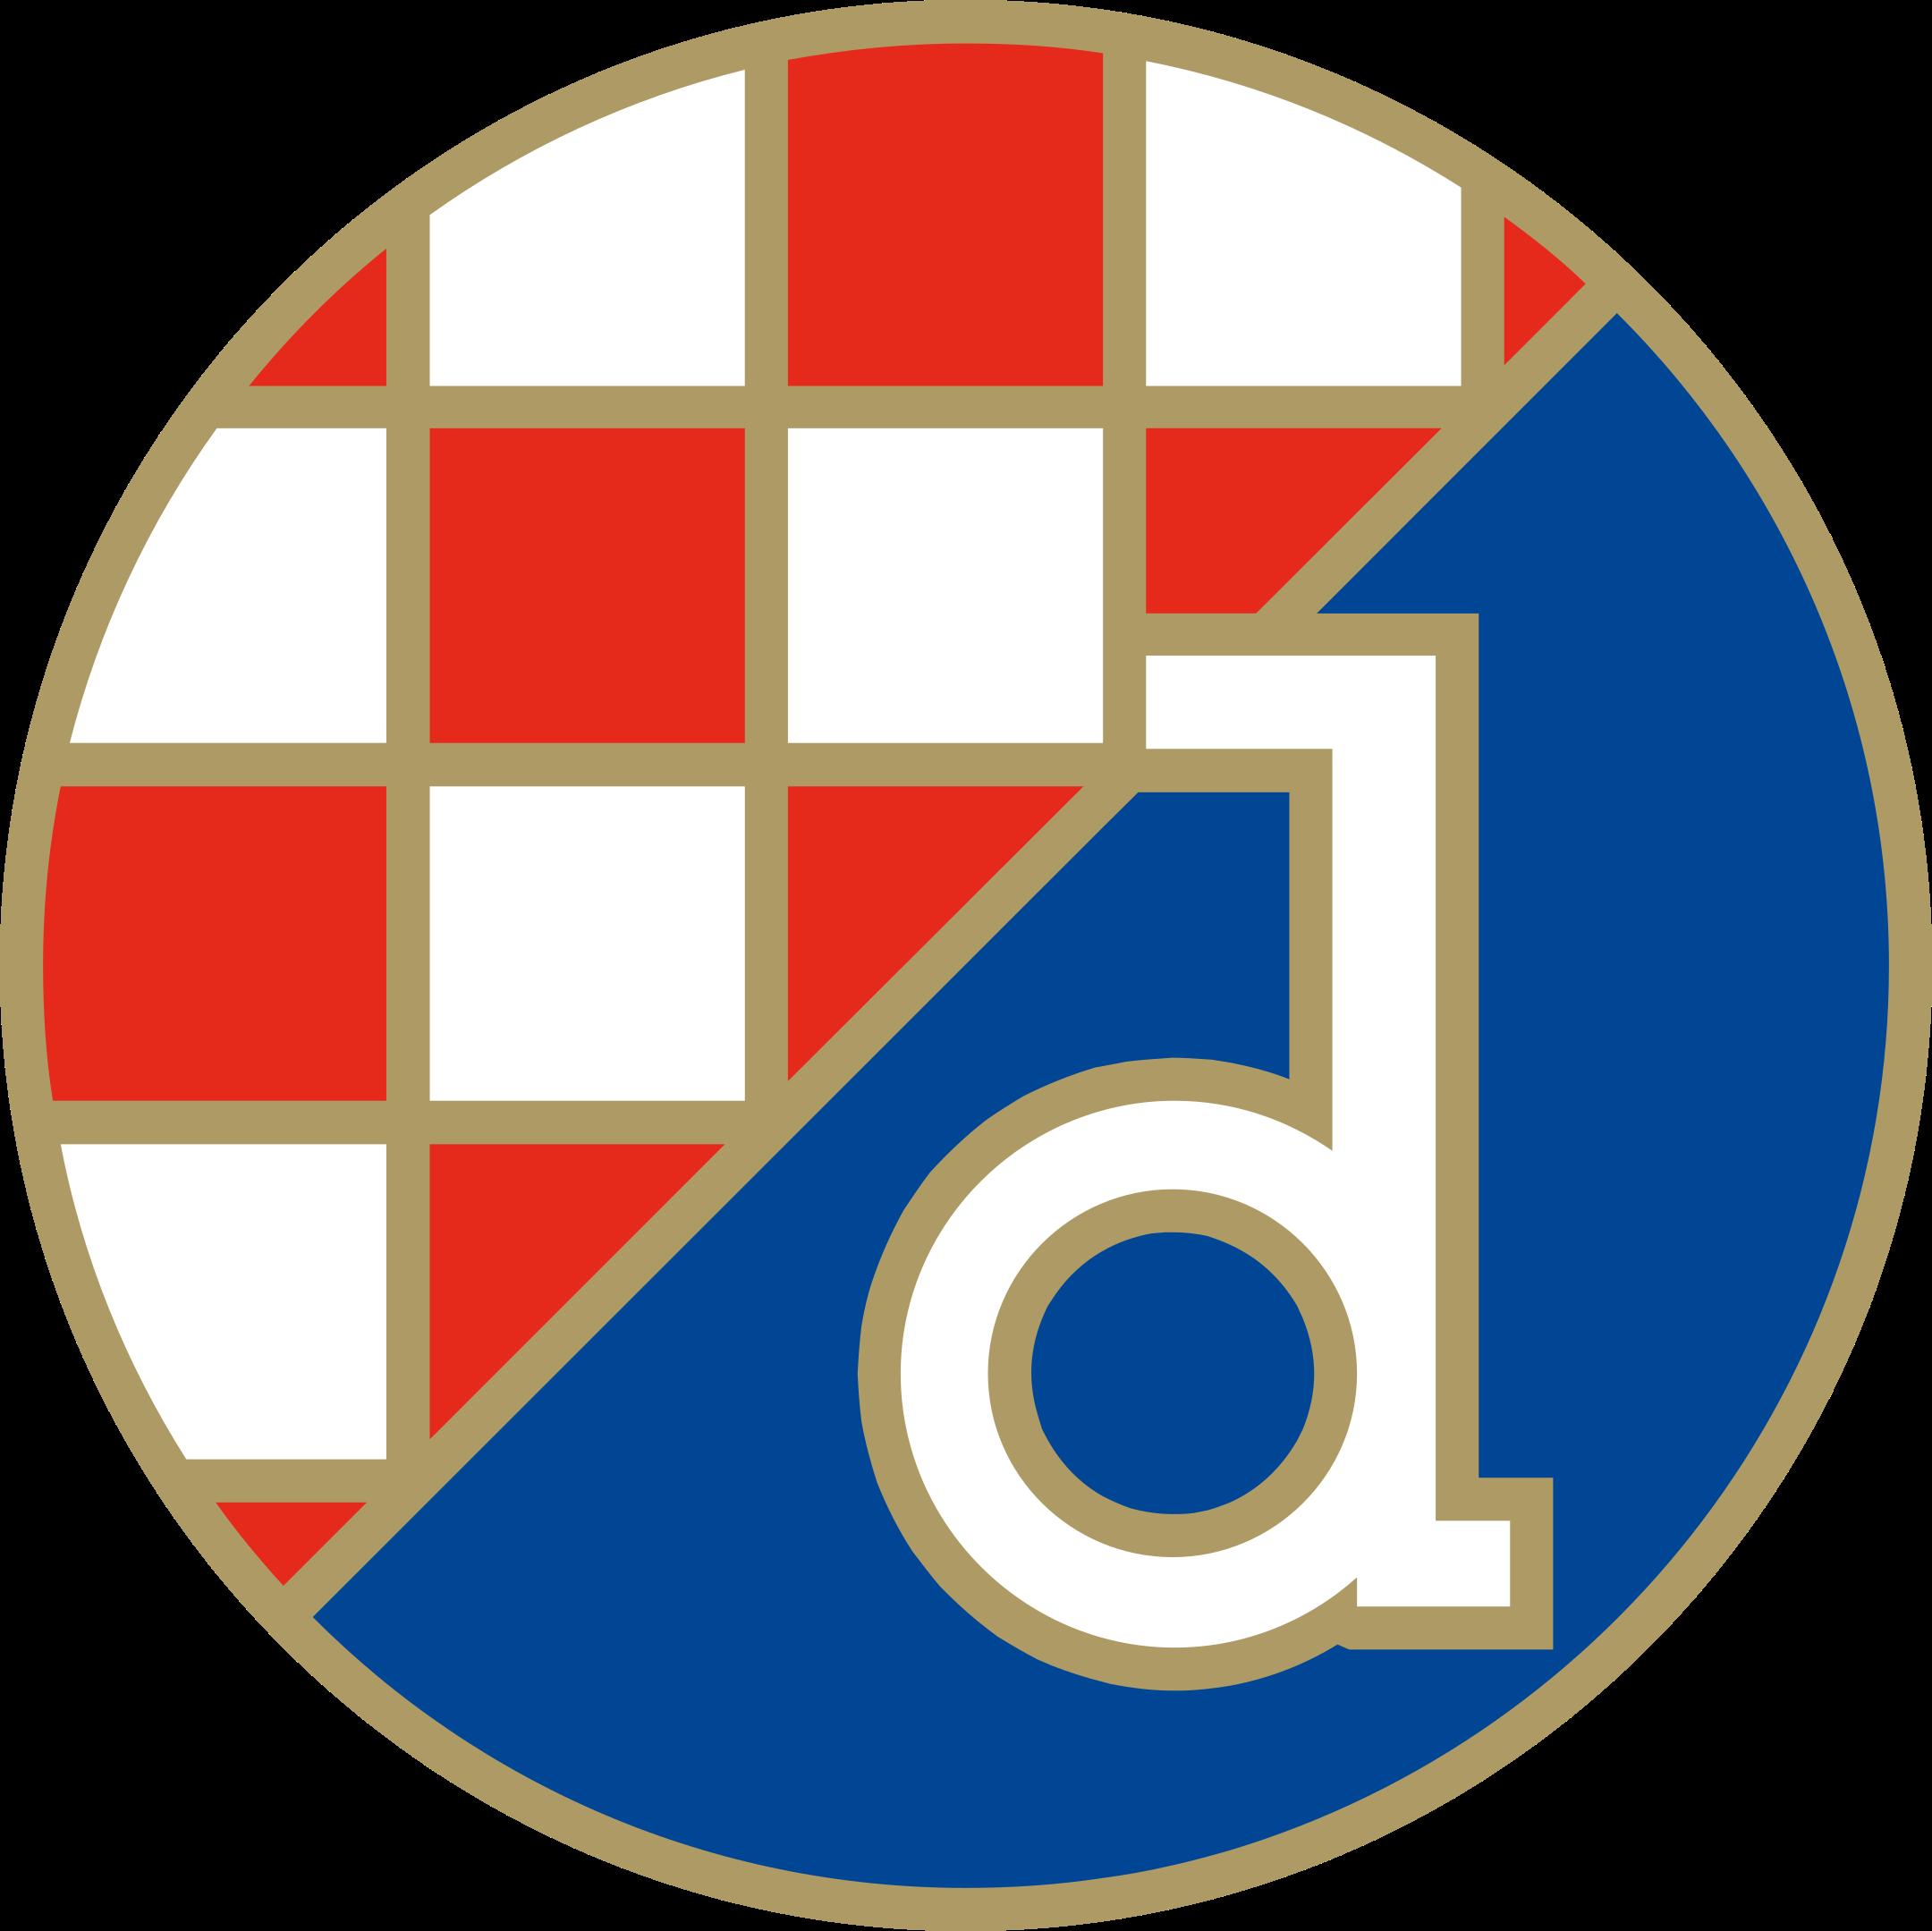 dinamo zagreb logo 1 - Dínamo Zagreb Logo - Escudo